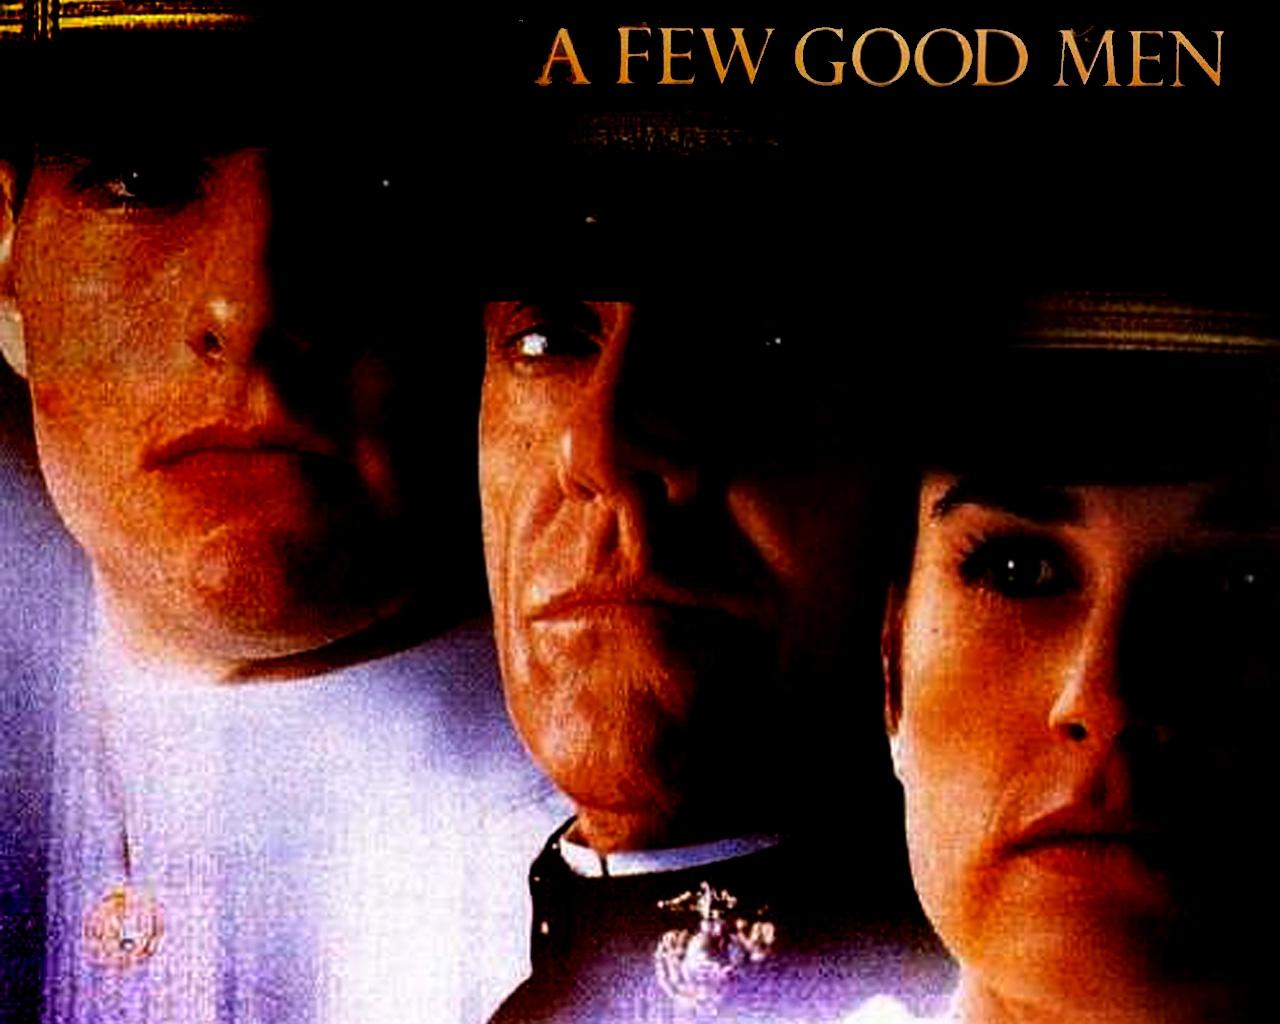 few good men movie a few good men quotes 1280x1024